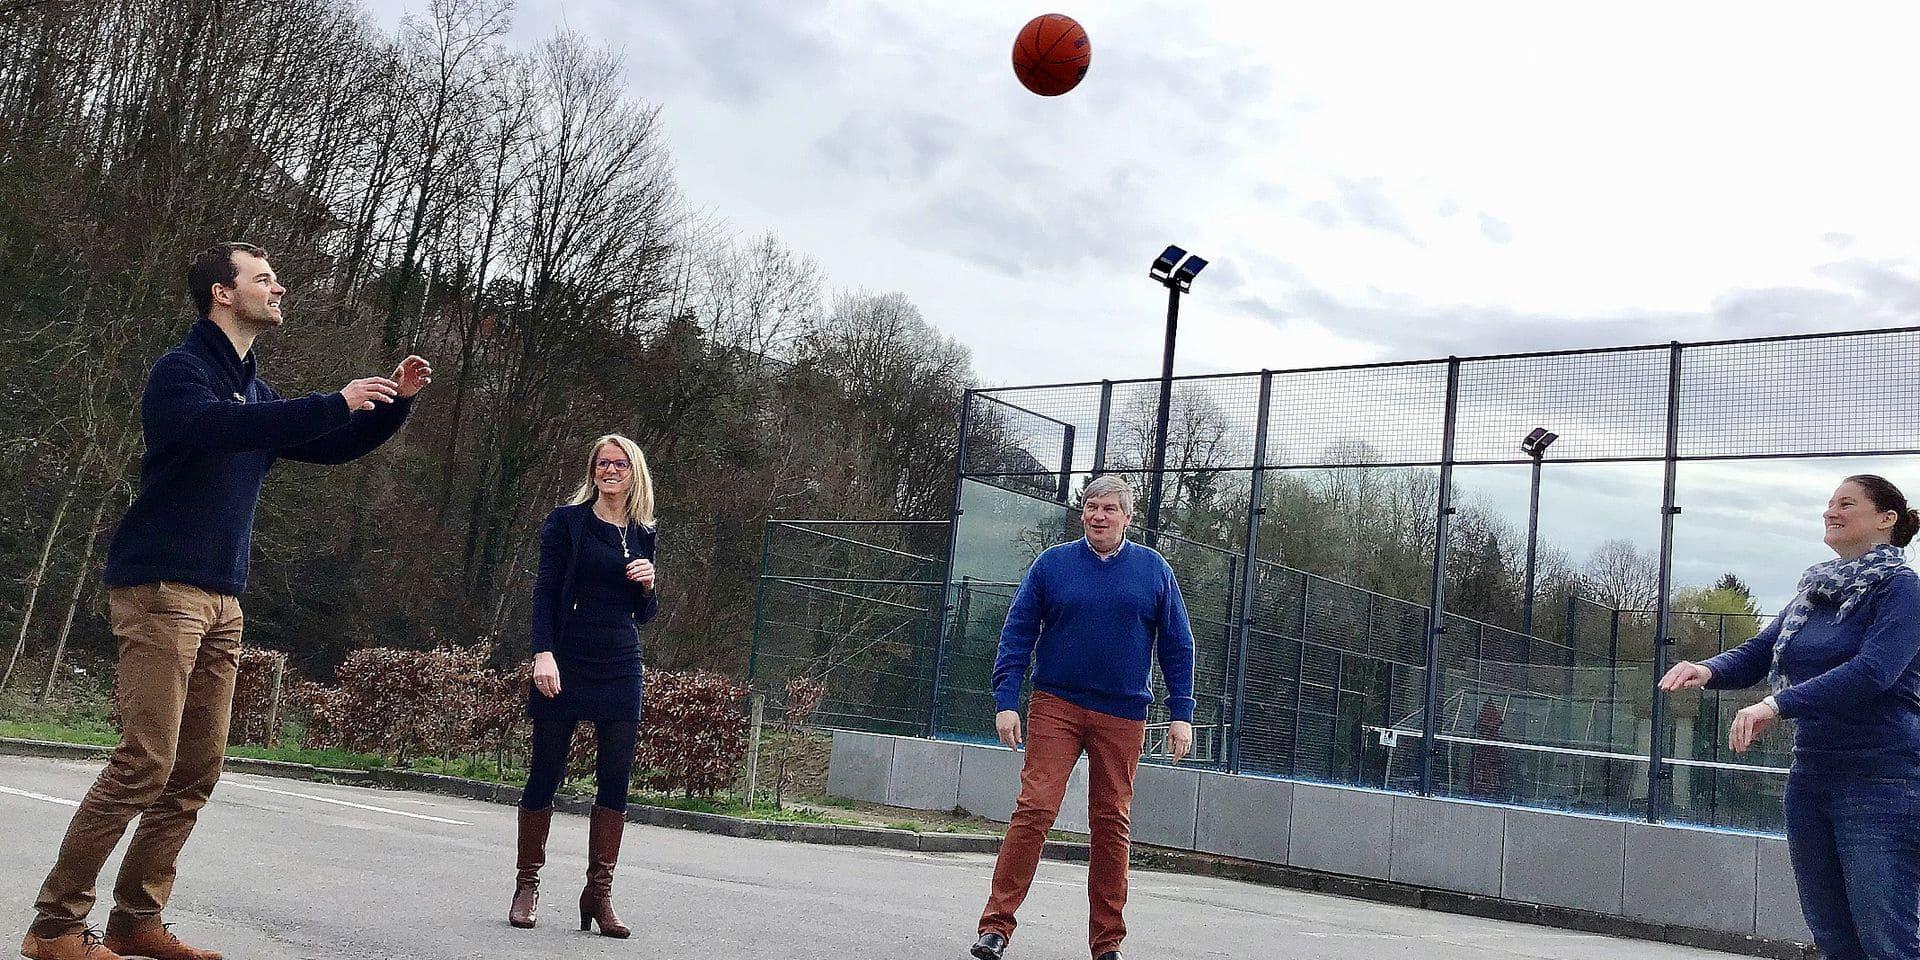 Ottignies-Louvain-la-Neuve: Avec son succès, le sport sur ordonnance s'étend